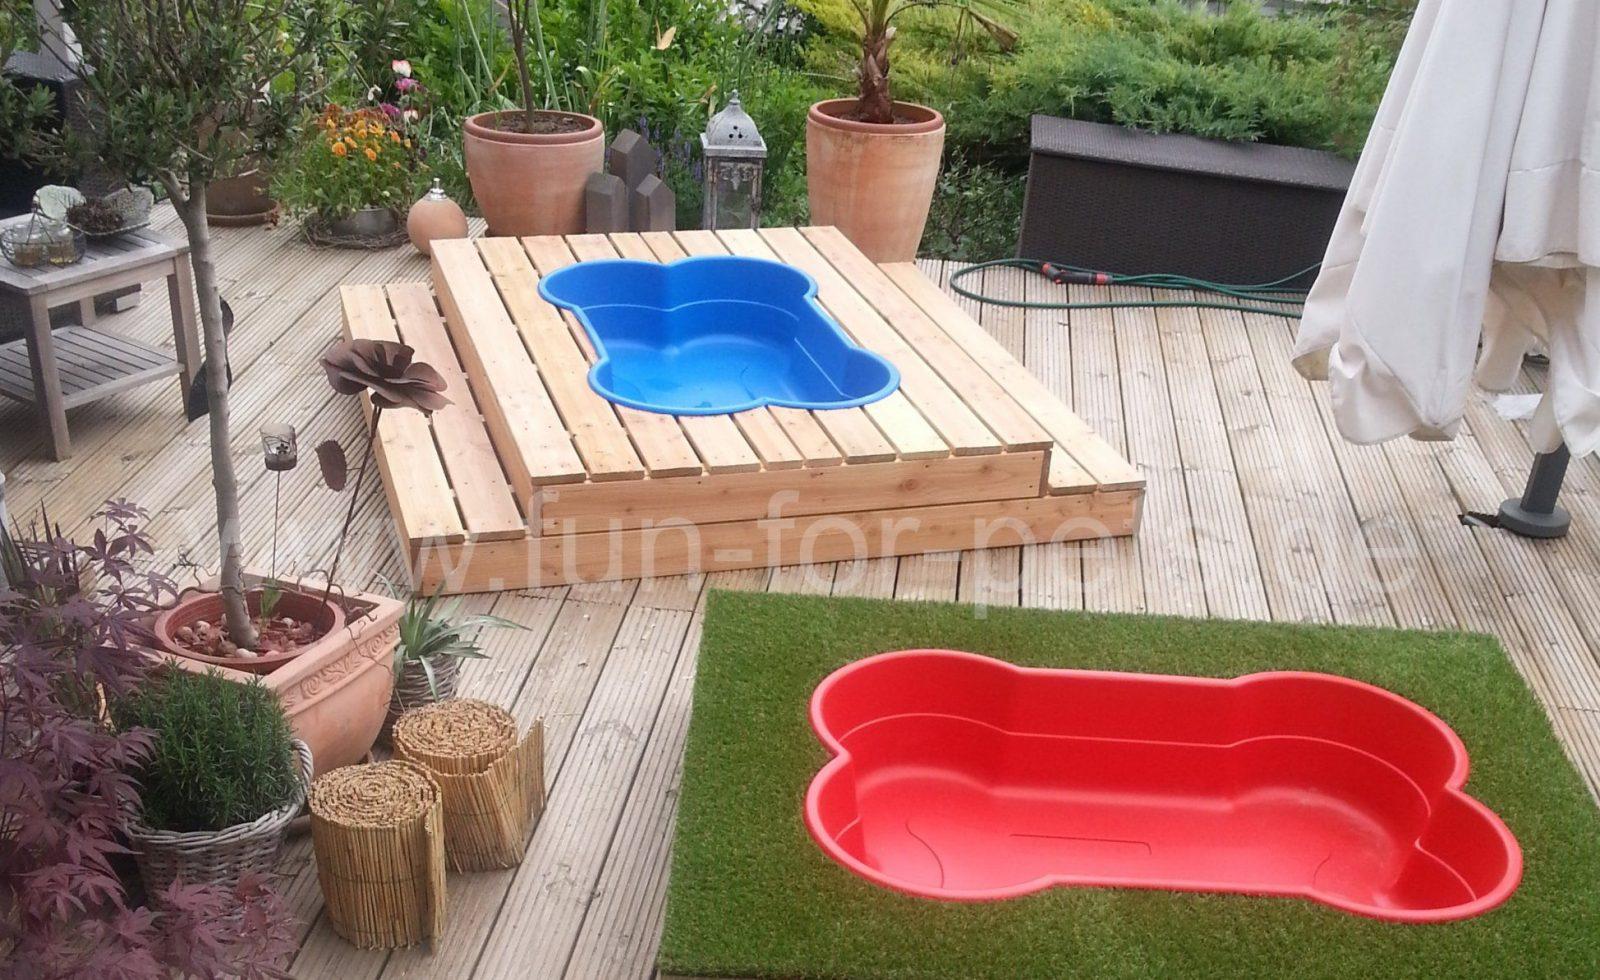 Hundepools In Knochenform Sind Nun Auch In Deutschland Erhältlich von Hunde Pool Selber Bauen Photo